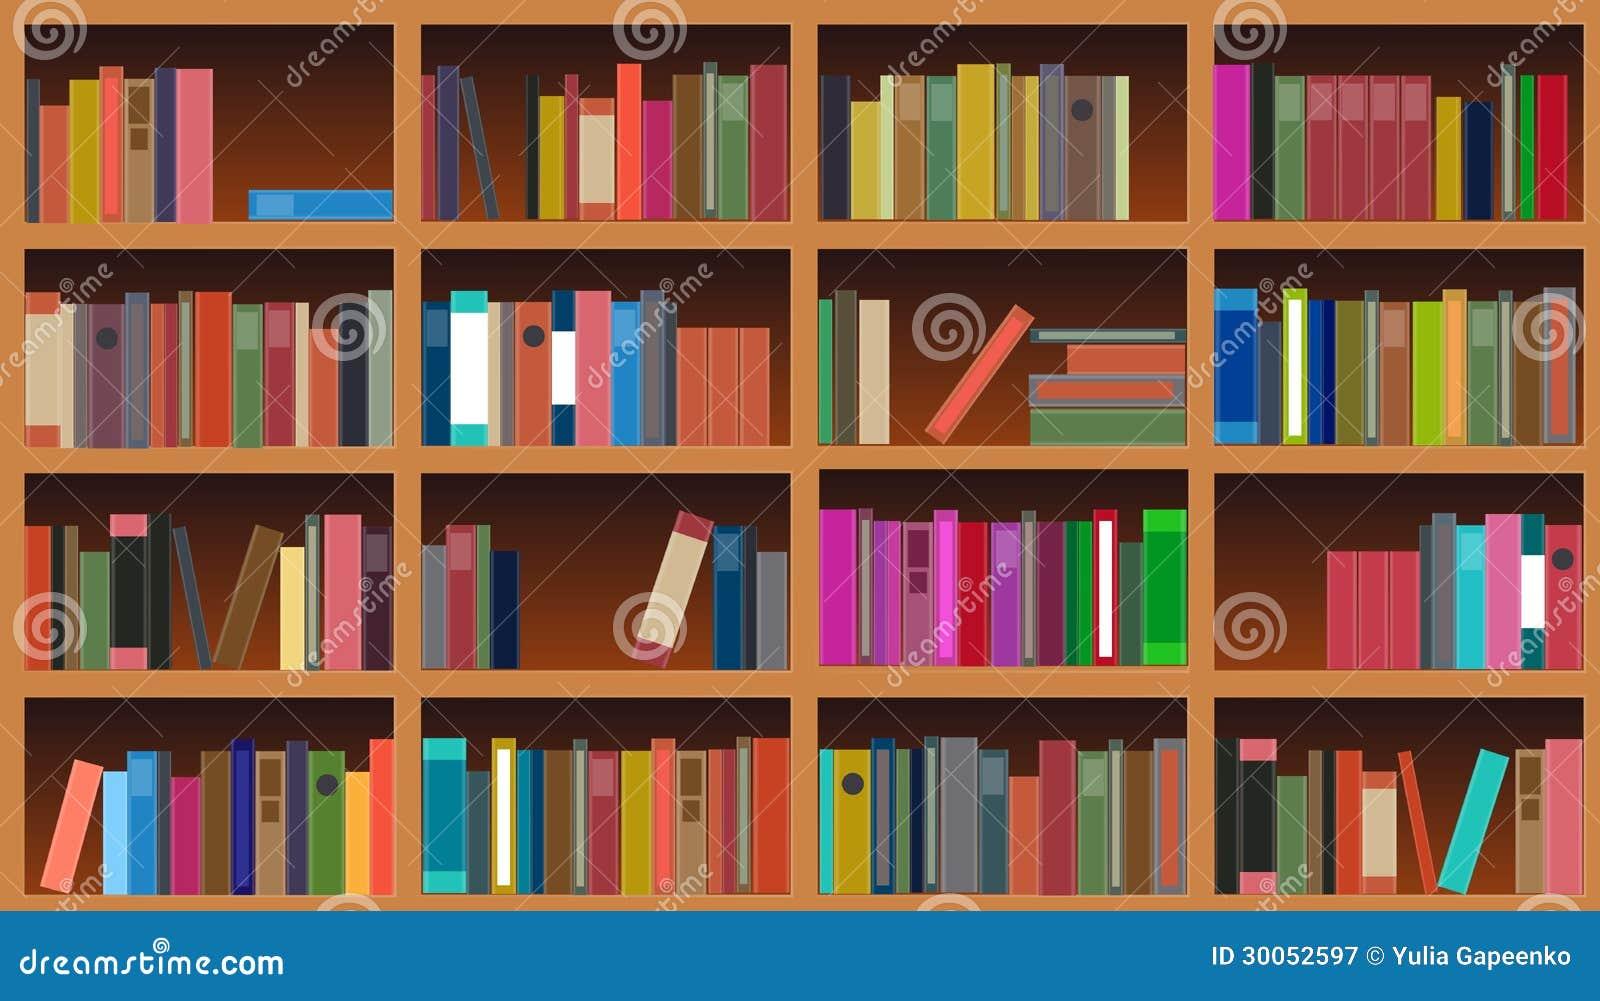 https://thumbs.dreamstime.com/z/de-vectorillustratie-van-de-boekenkast-dit-dossier-van-formaat-eps-30052597.jpg